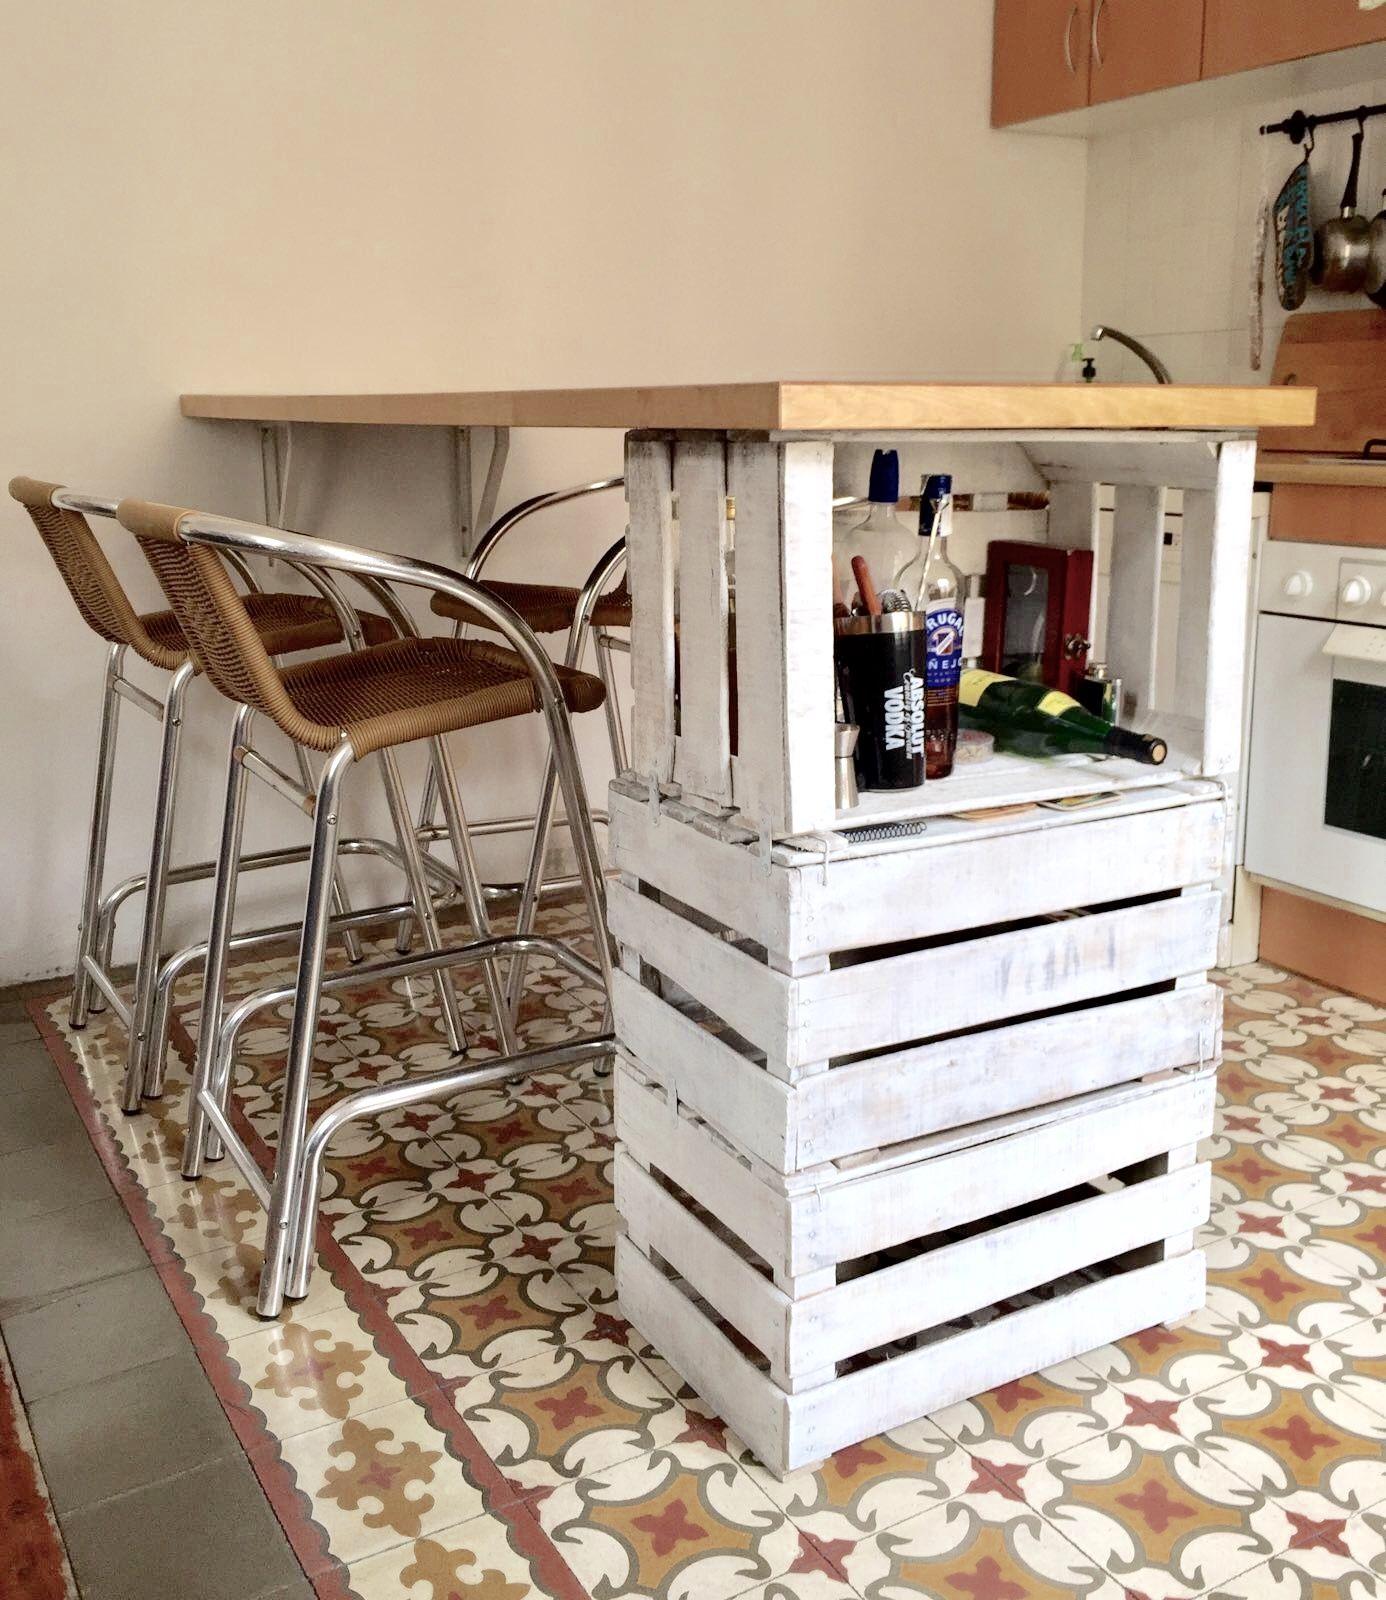 Mesa bar feita com caixas de fruta nossolarideias - Carro de frutas ...